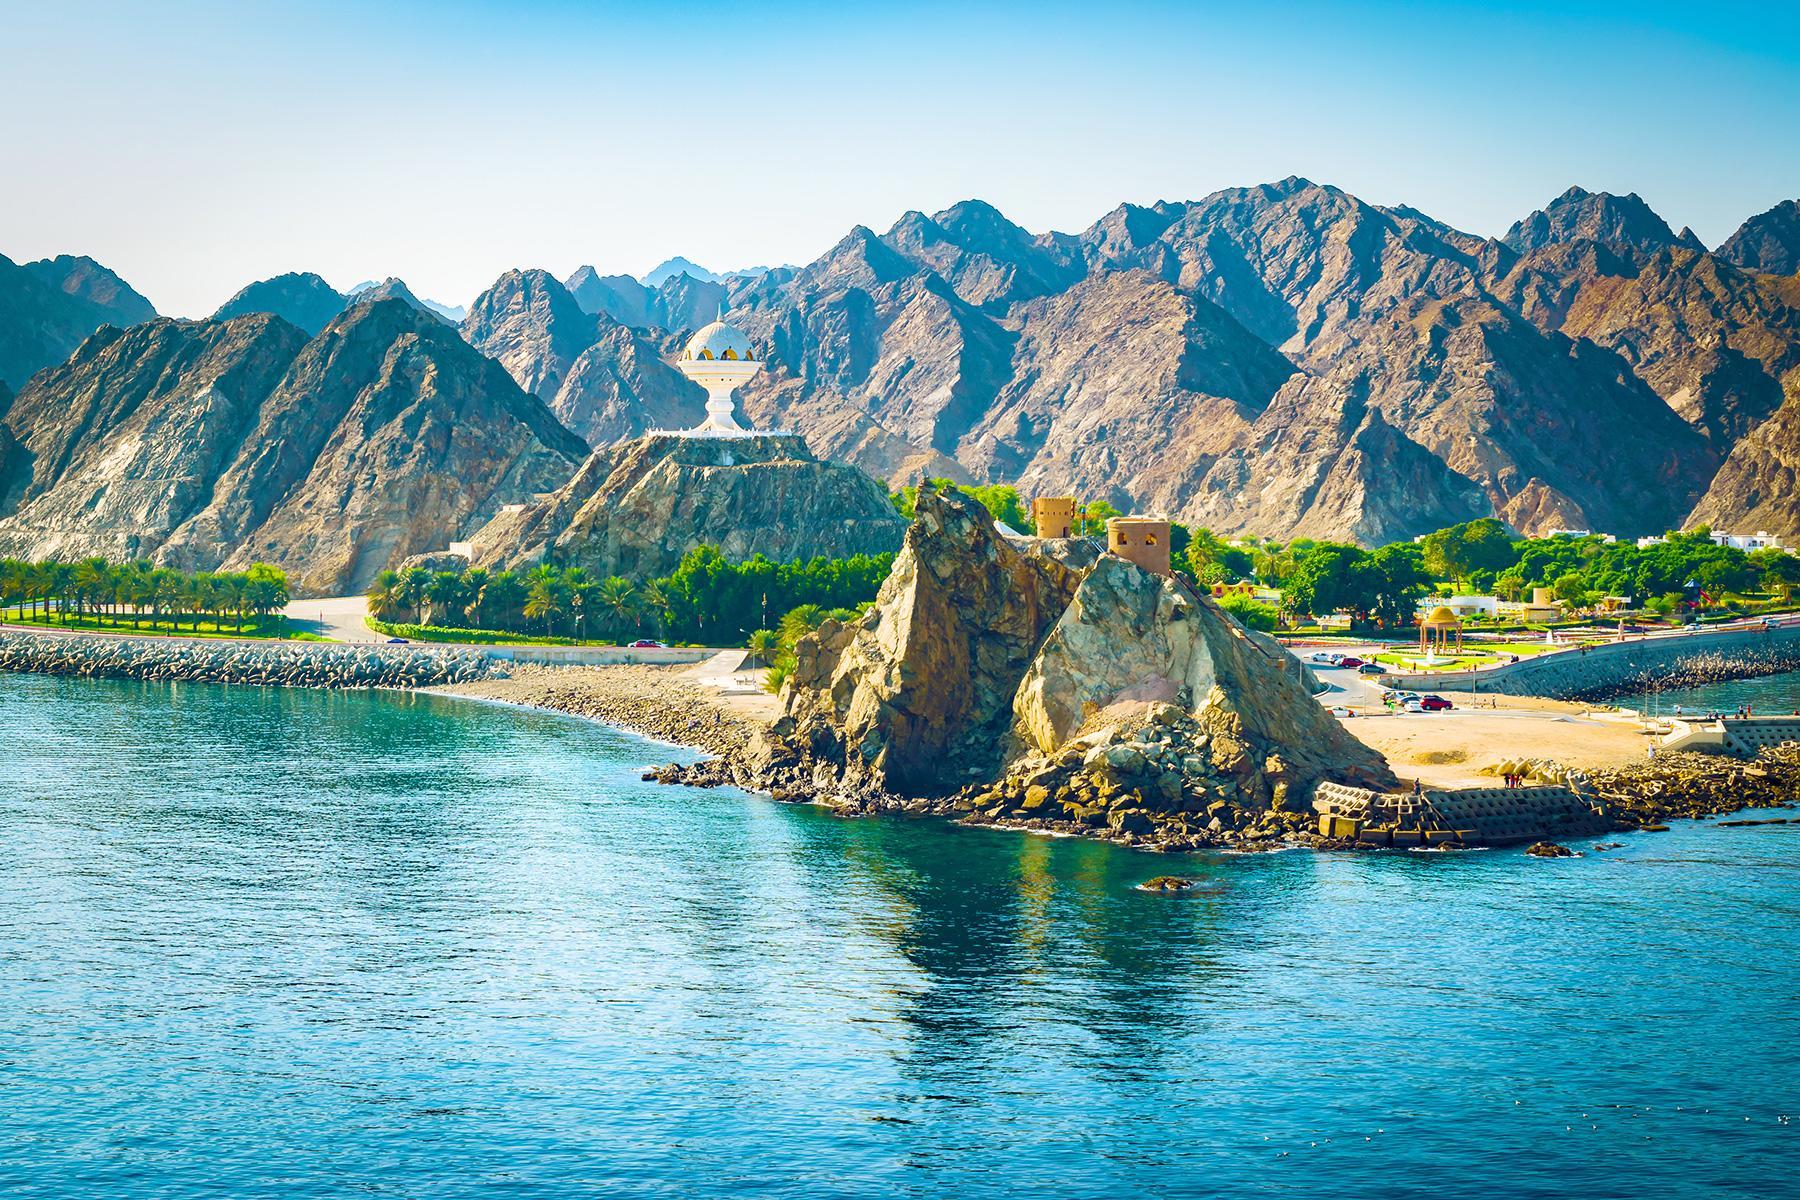 15_15BeachDestinationsforWinterGetaway__Muscat,Oman_shutterstock_1012247734